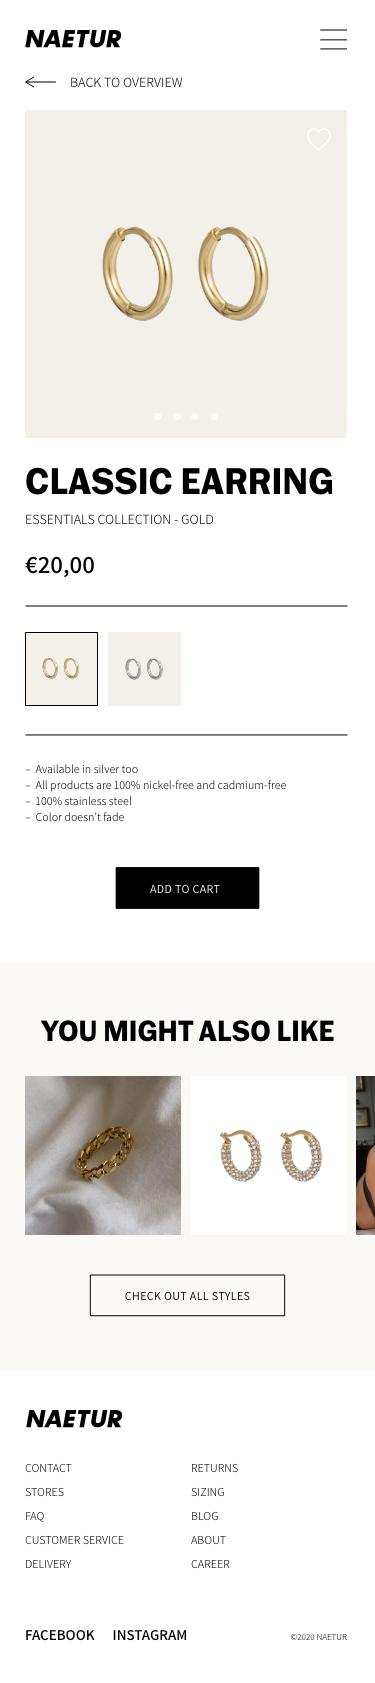 Naetur Mobile Website Design